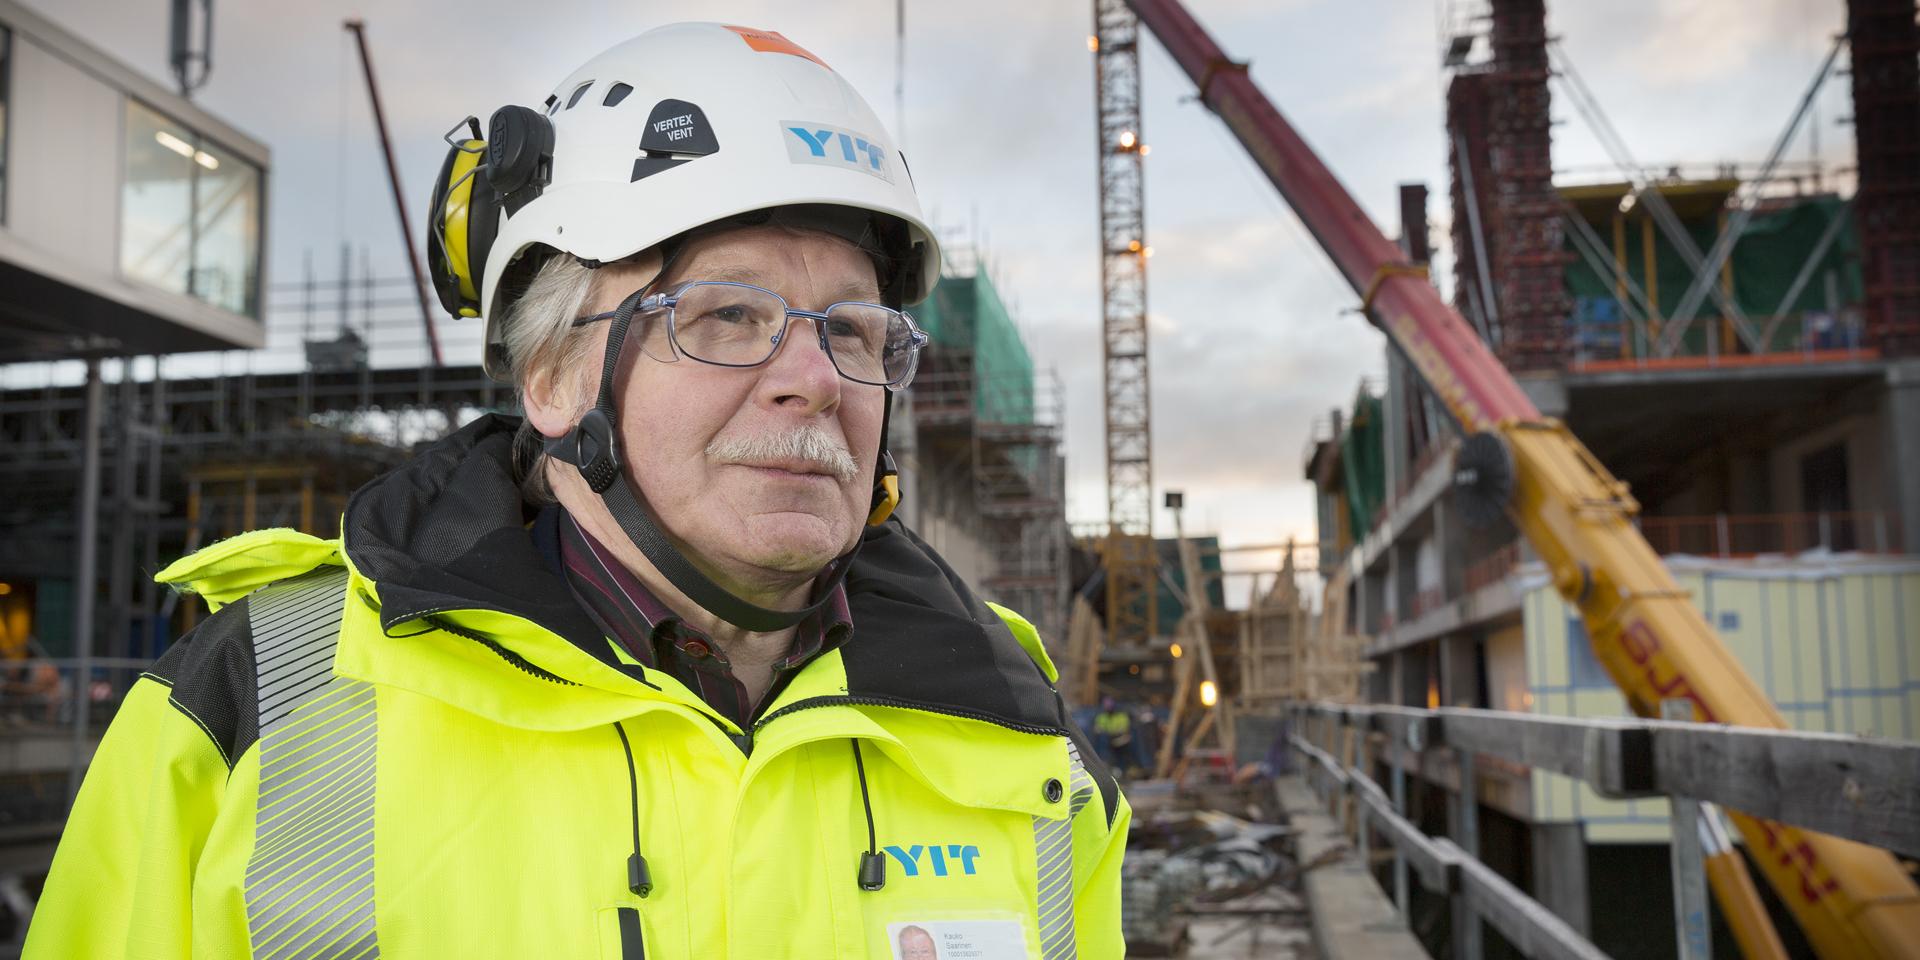 rakennusmestari työpaikat Jyvaskyla